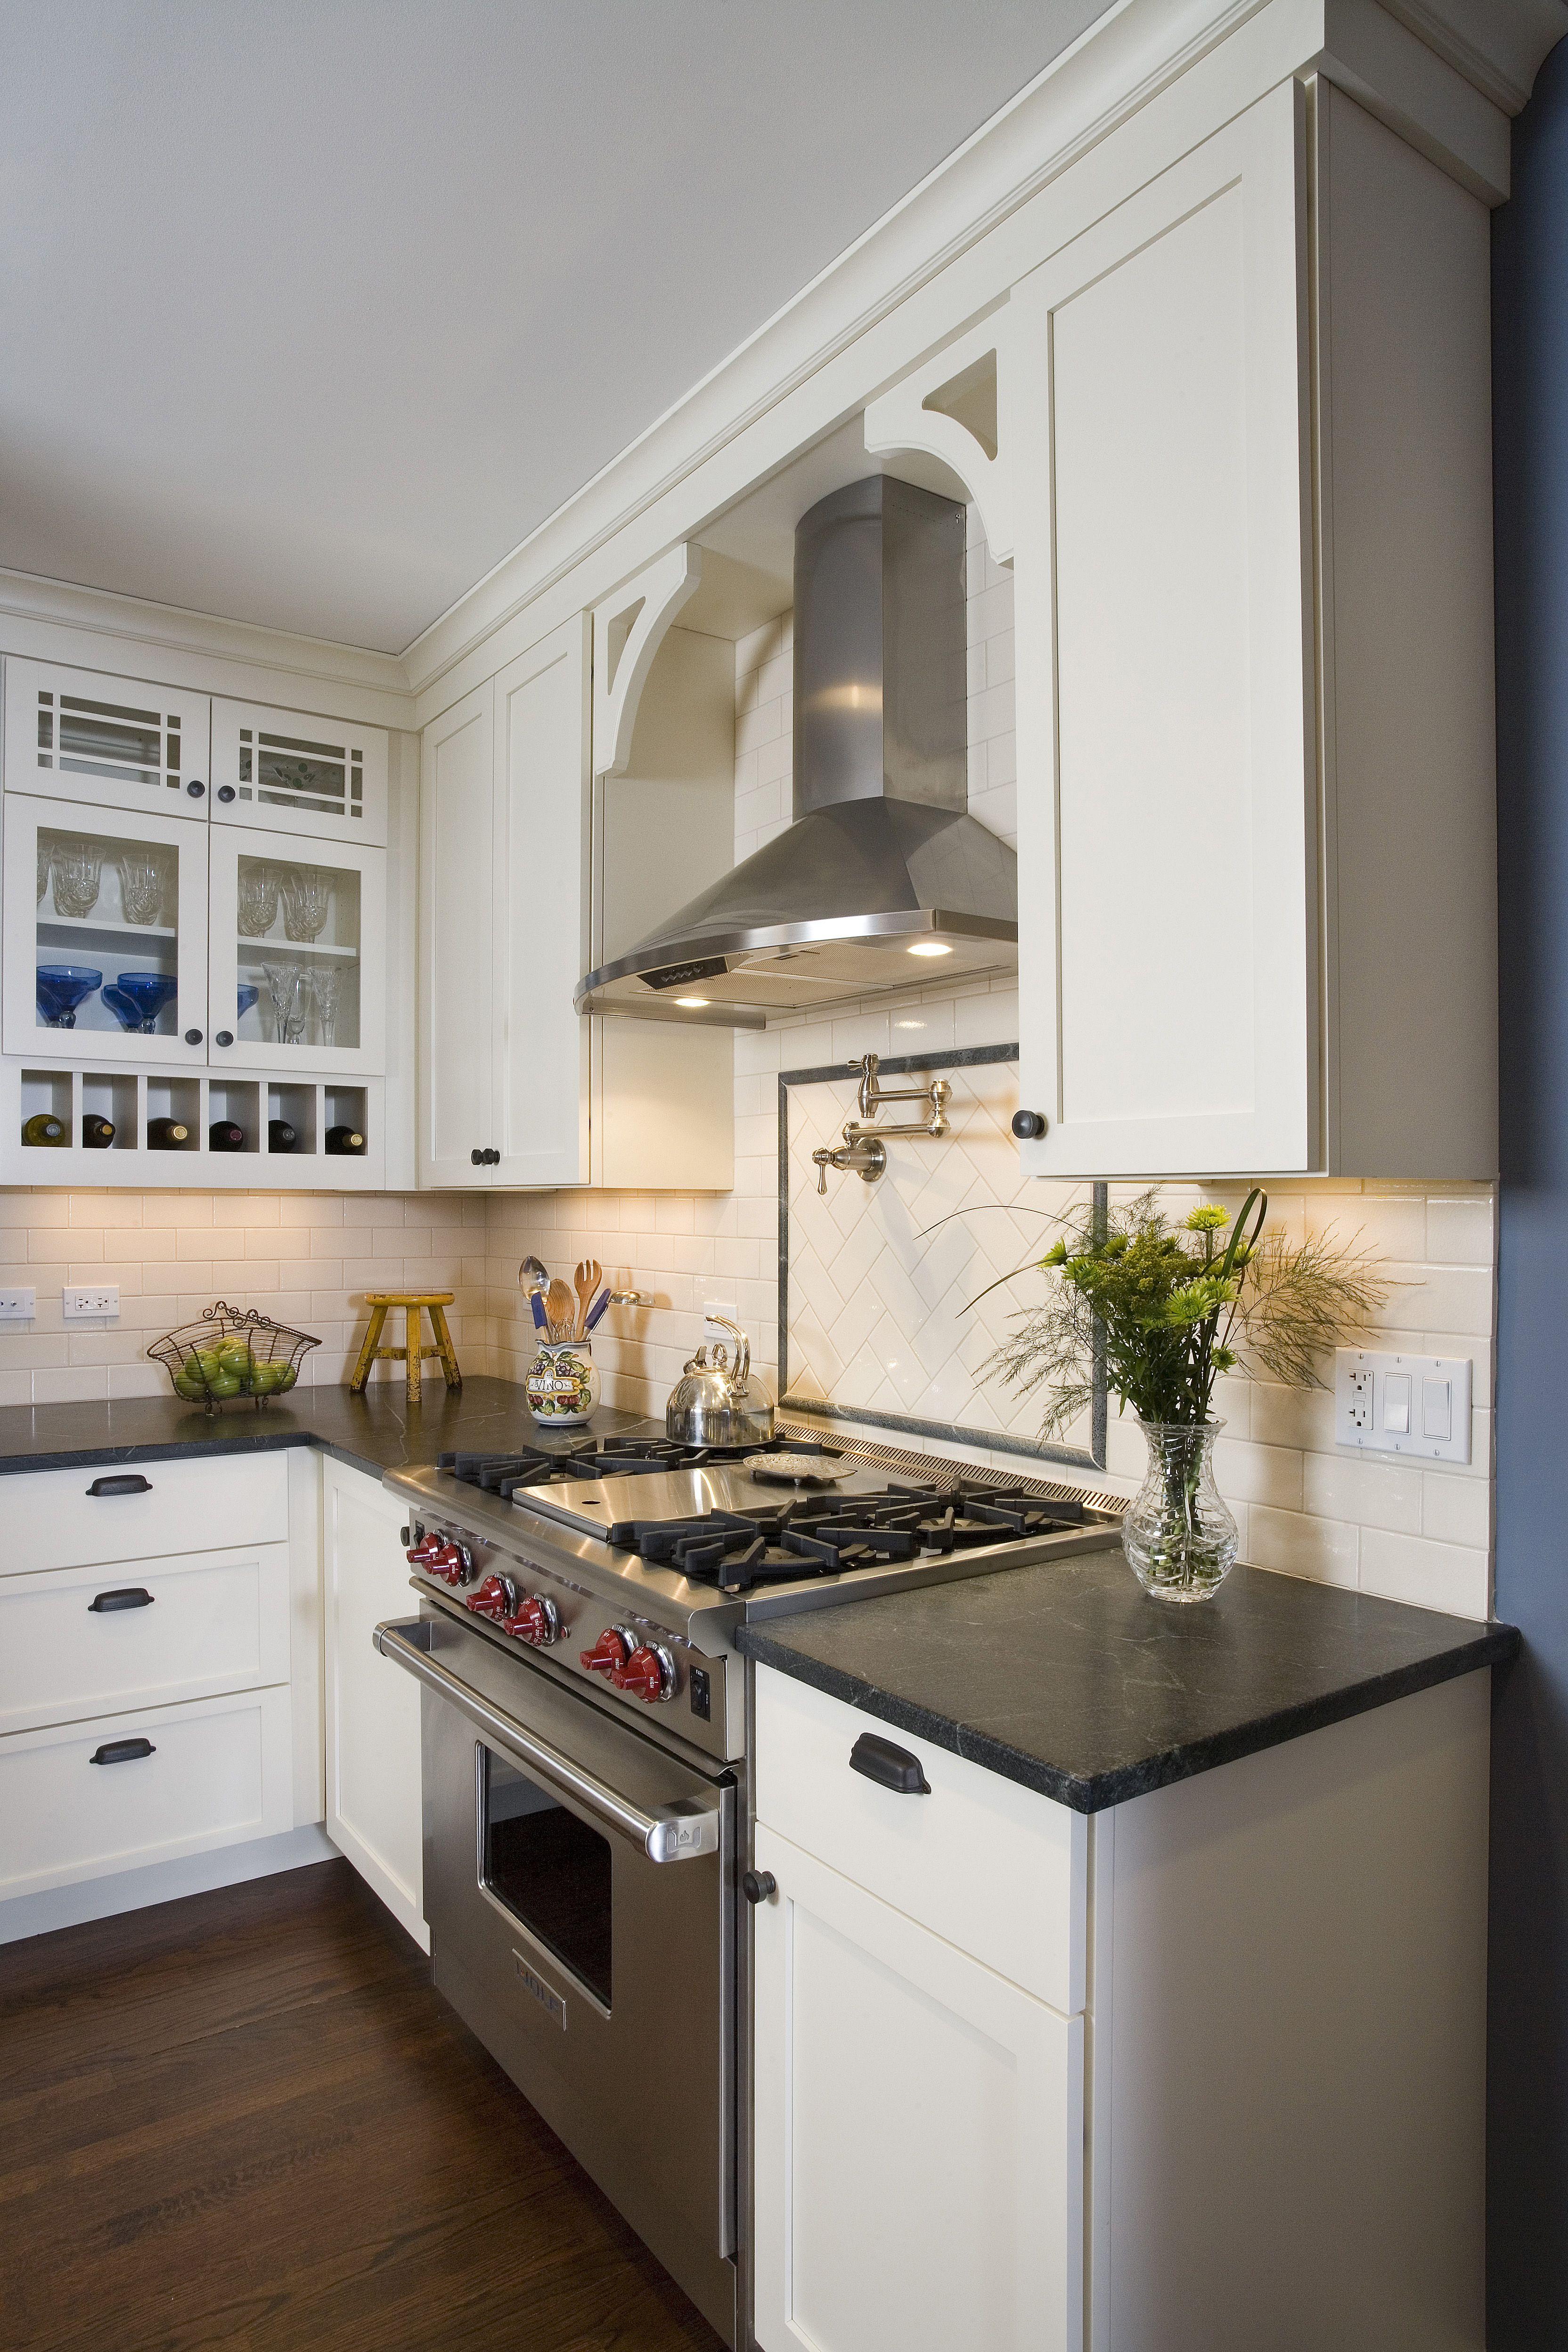 Kitchens Kitchen Hood Design Home Decor Kitchen Kitchen Remodel